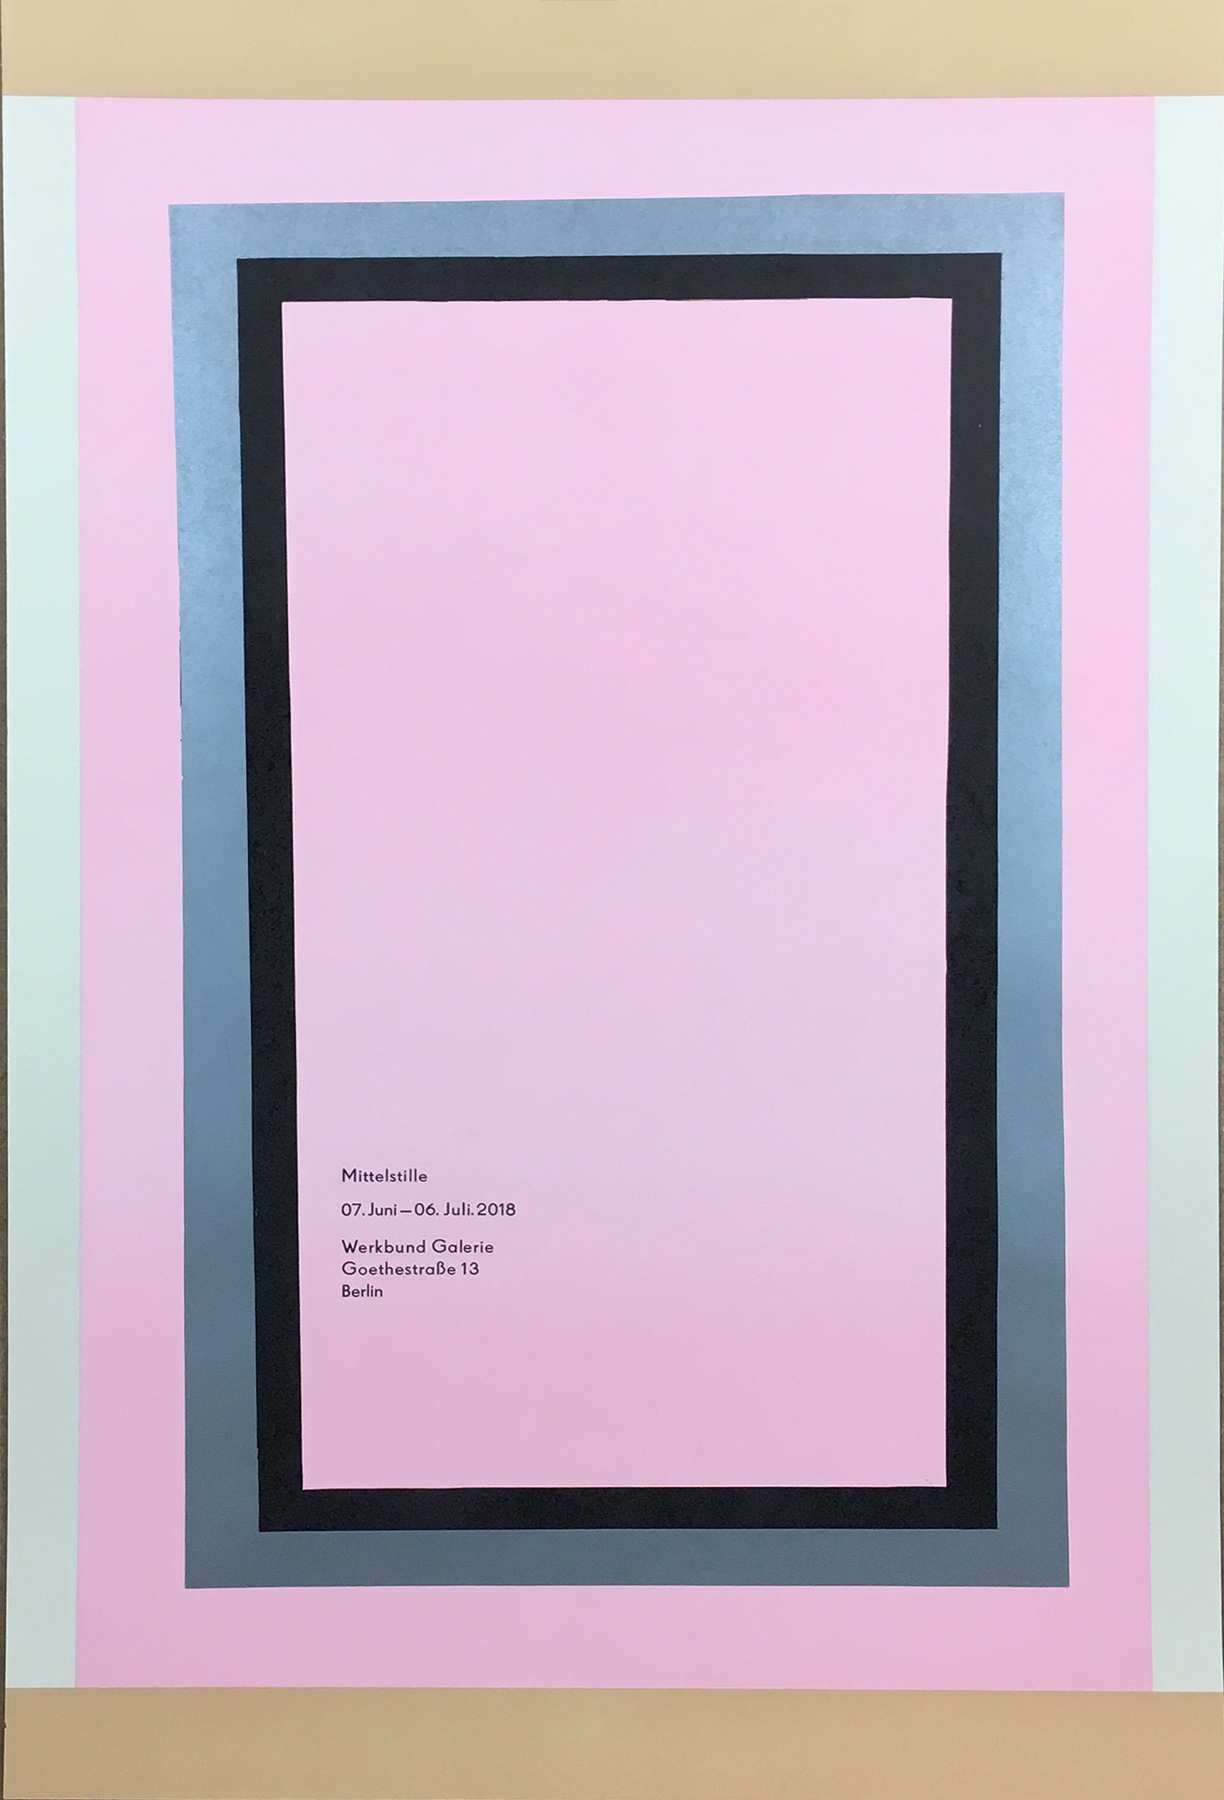 """Austtellungsplakat, """"Mittelstille"""". Linolschnitt, 5-farbig. Bleisatz. Gestaltung: Bernard Stein"""